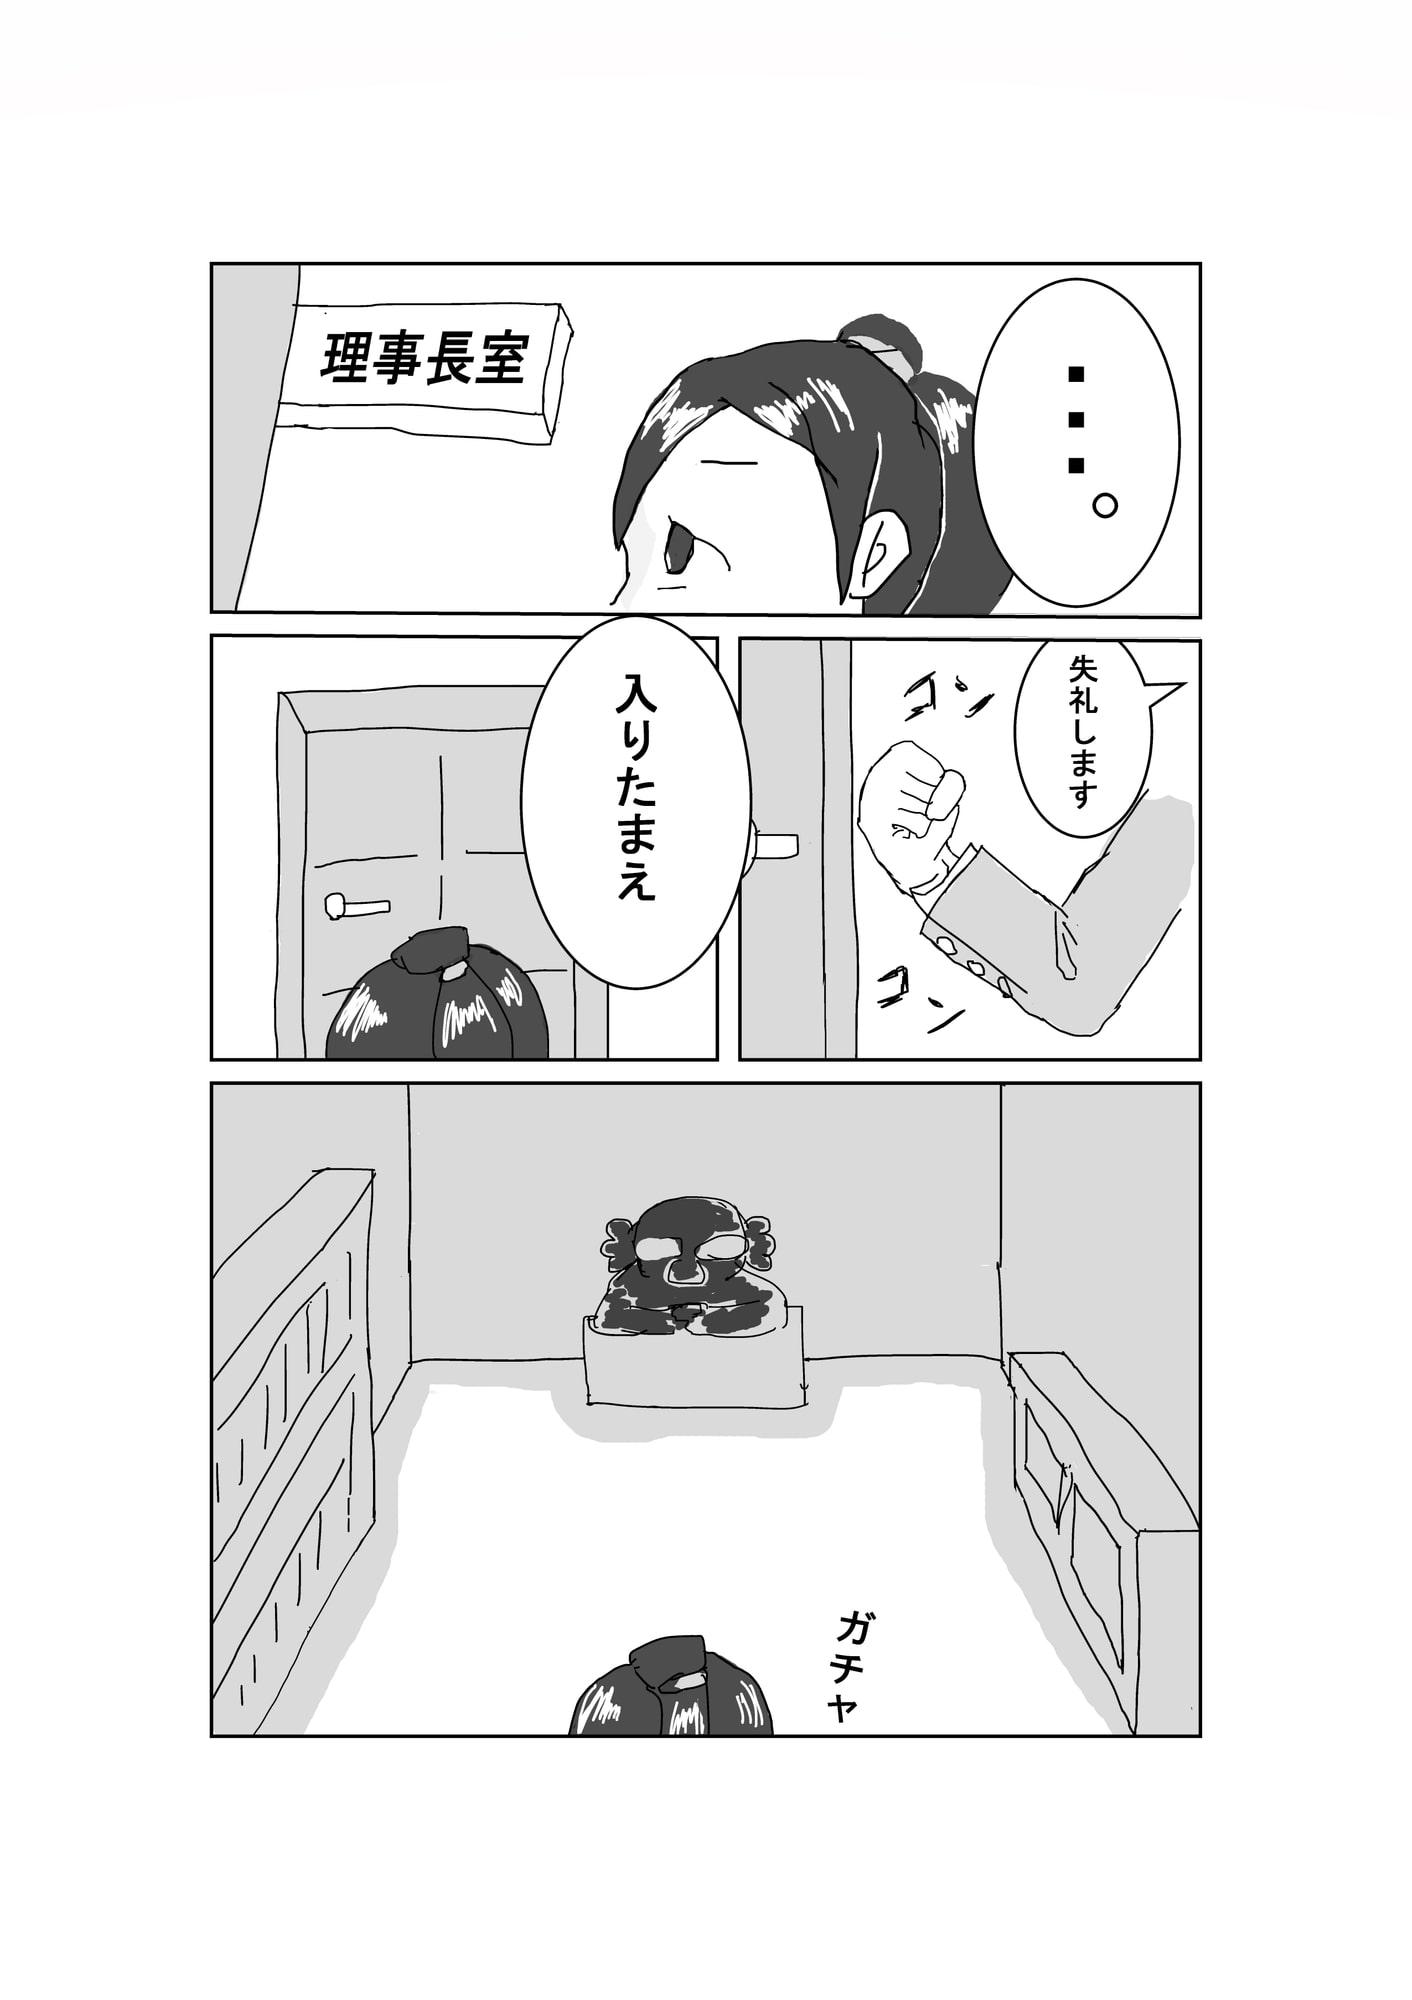 RJ316605 いつわりの特待生 [20210205]